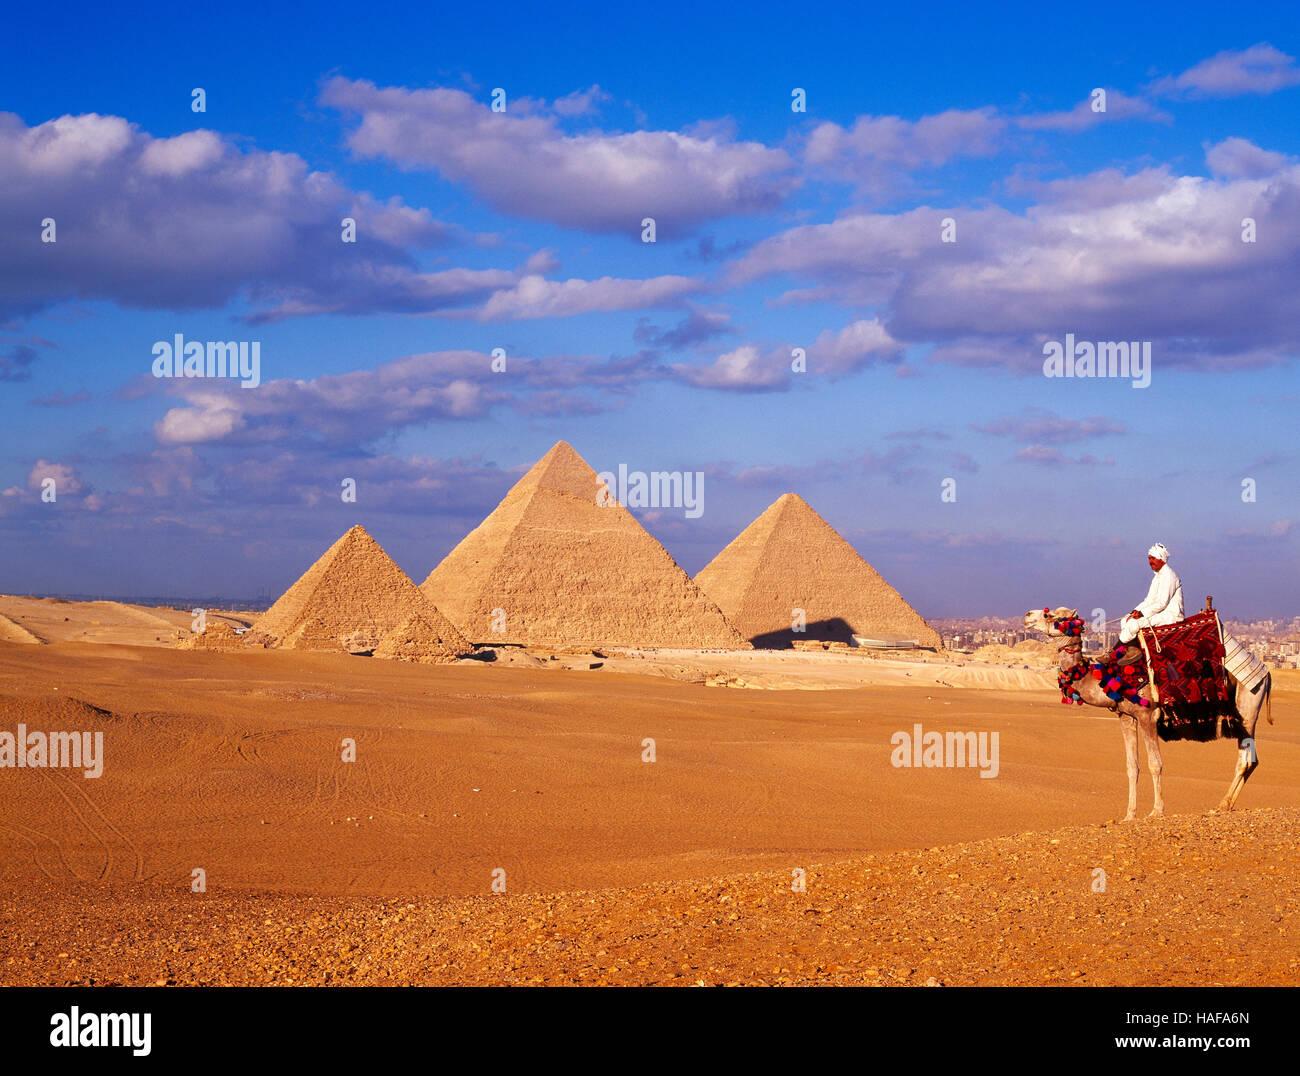 Pirámides y jinete de camello, Giza, El Cairo, Egipto. Imagen De Stock